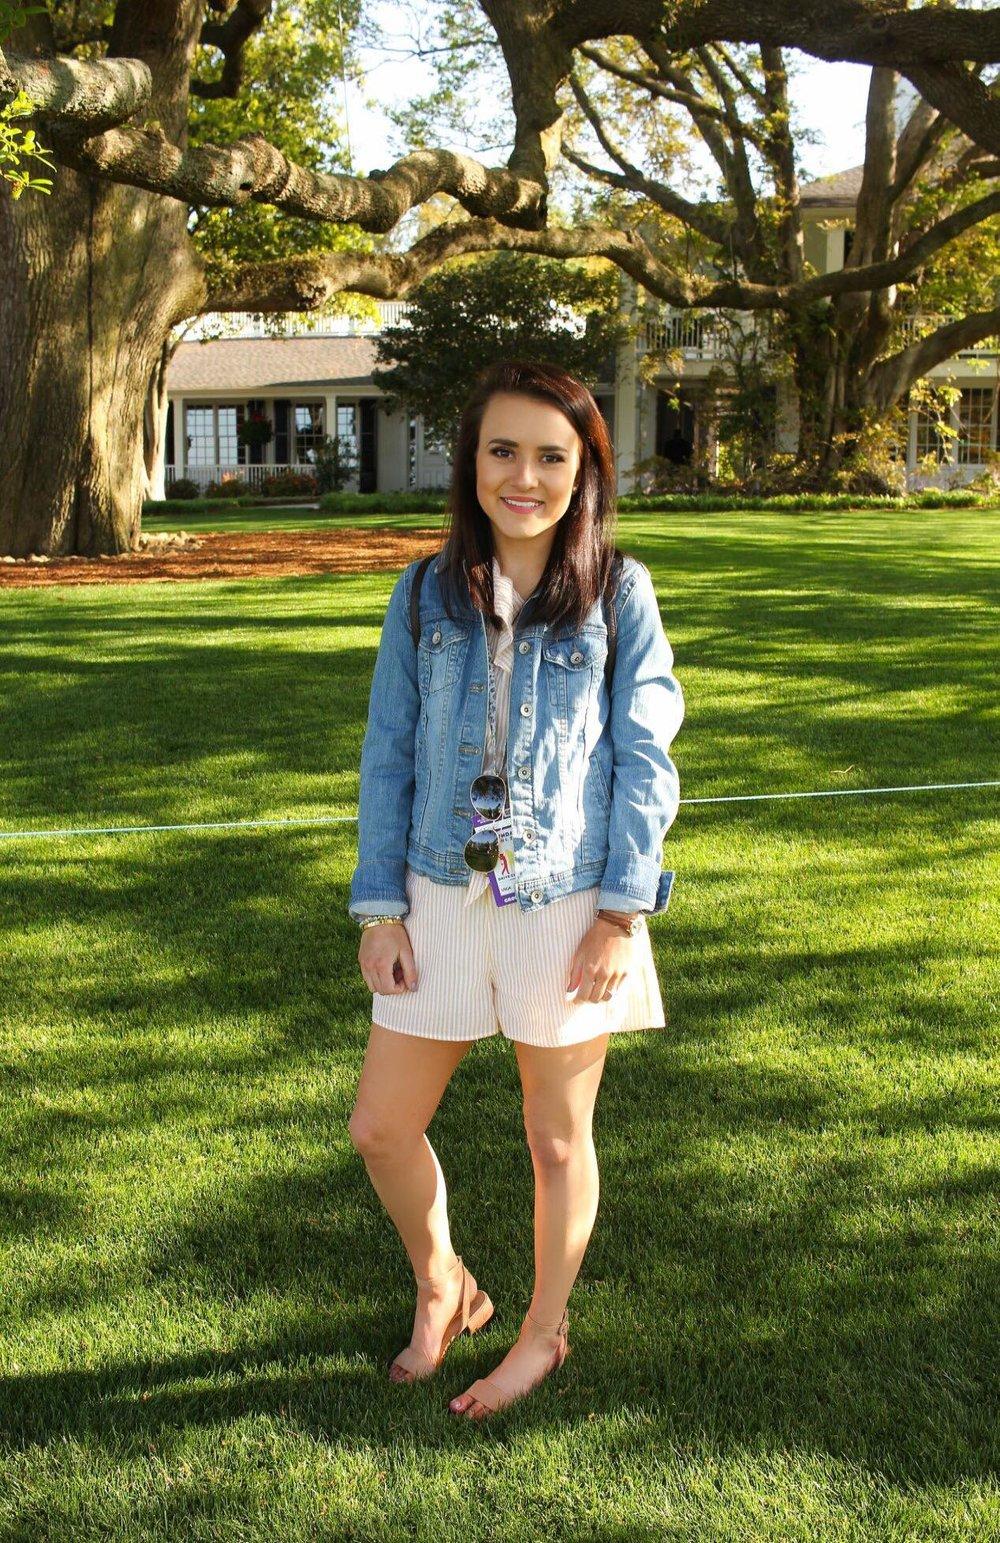 Meet Chloe, blogger behind @happilyeversellers